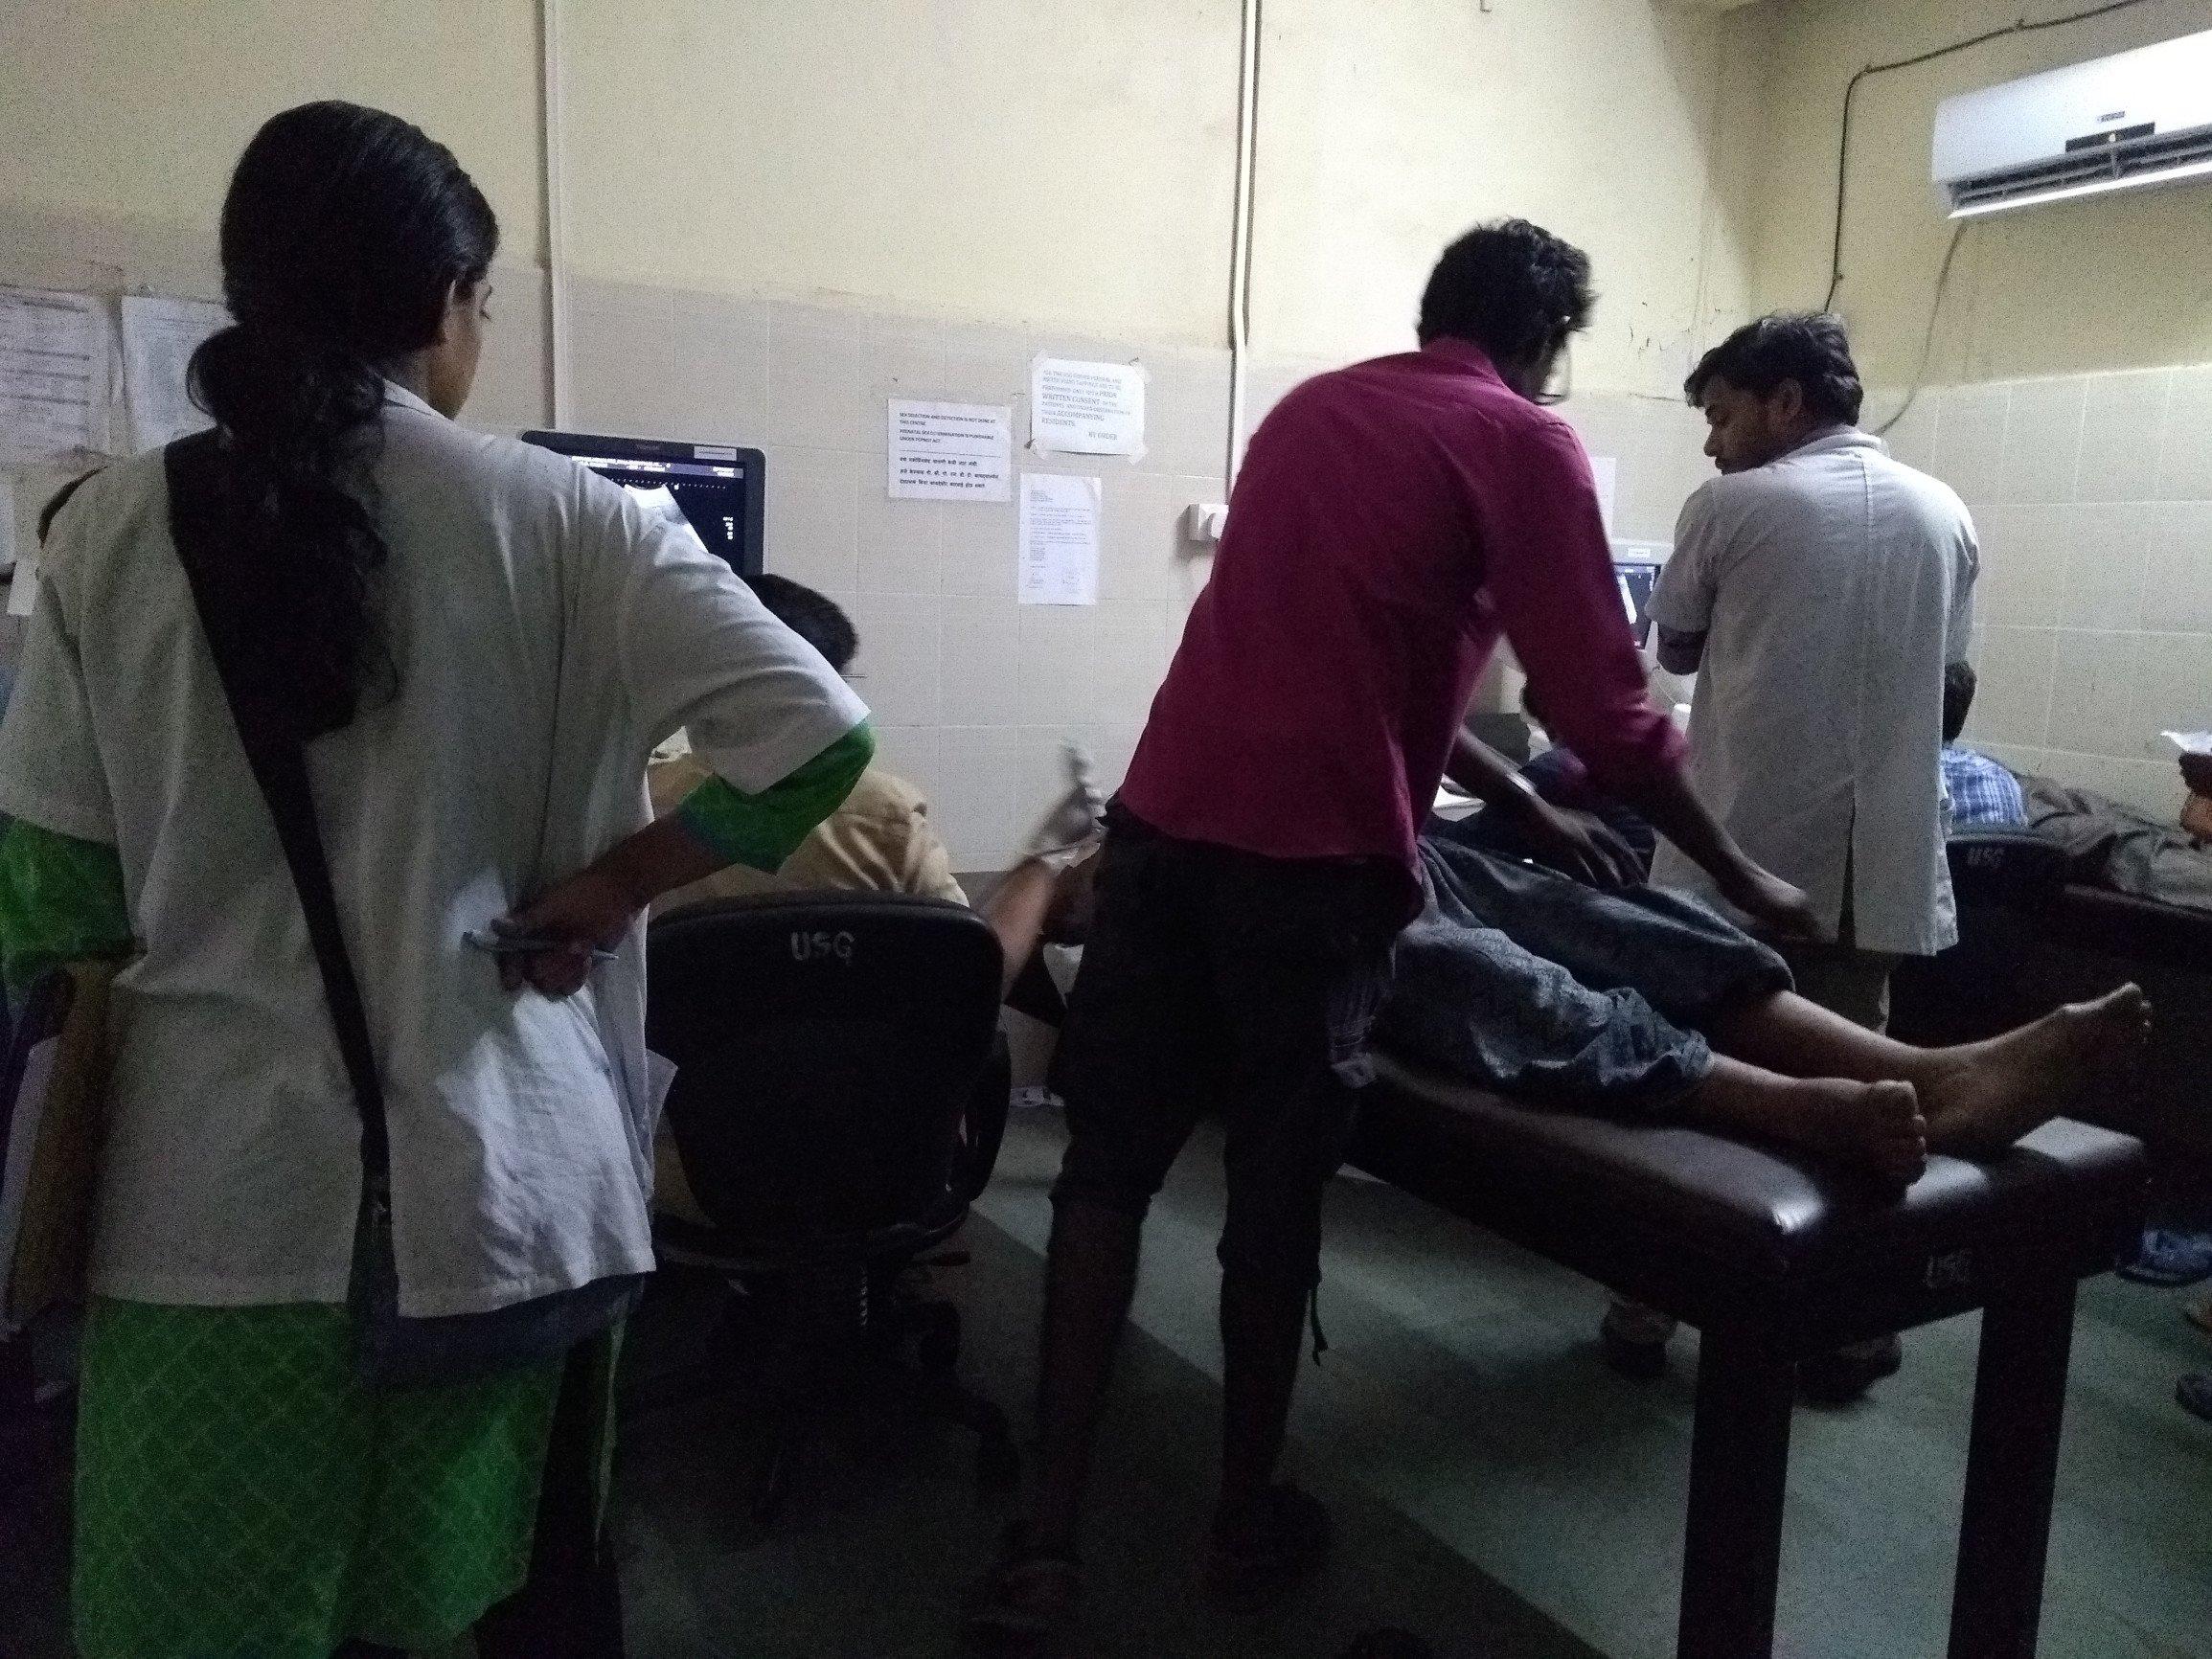 एका डॉक्टरवर हजार रुग्णांचा भार, सायन रुग्णालयात सोनोग्राफीला येणाऱ्या रुग्णांचे हाल